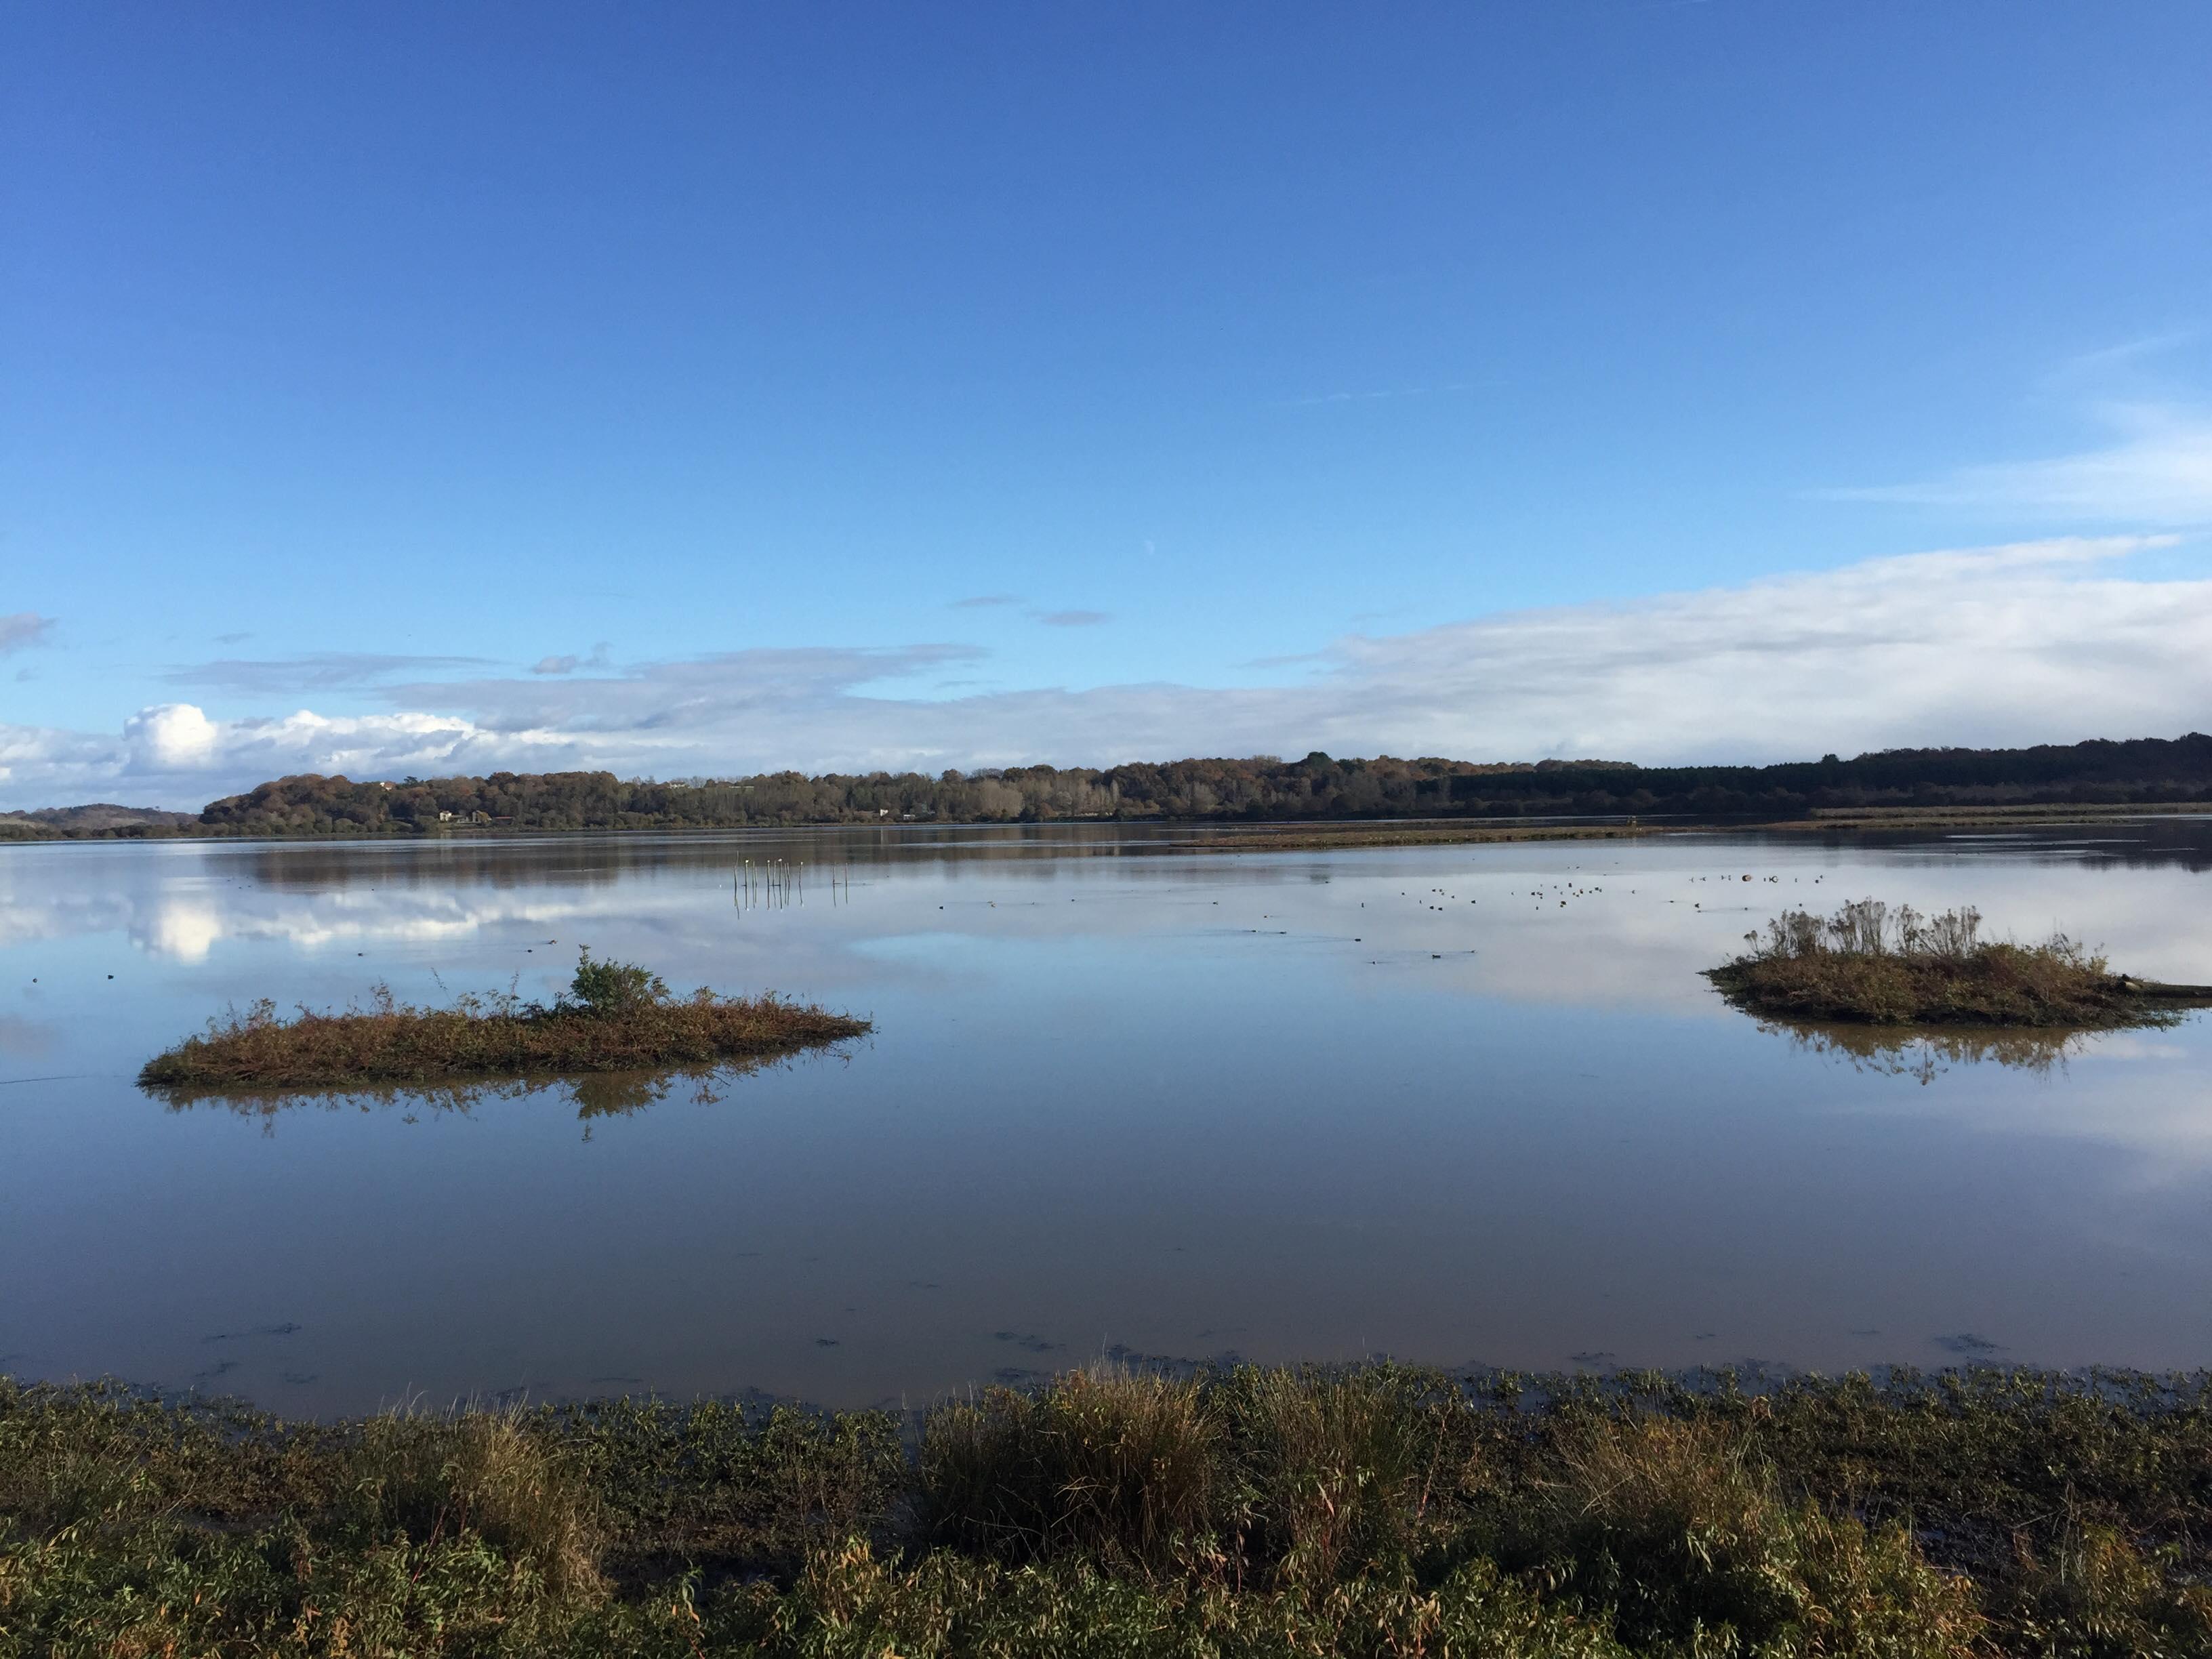 réserve naturelle Marais d'Orx Landes - blog Camille In Bordeaux